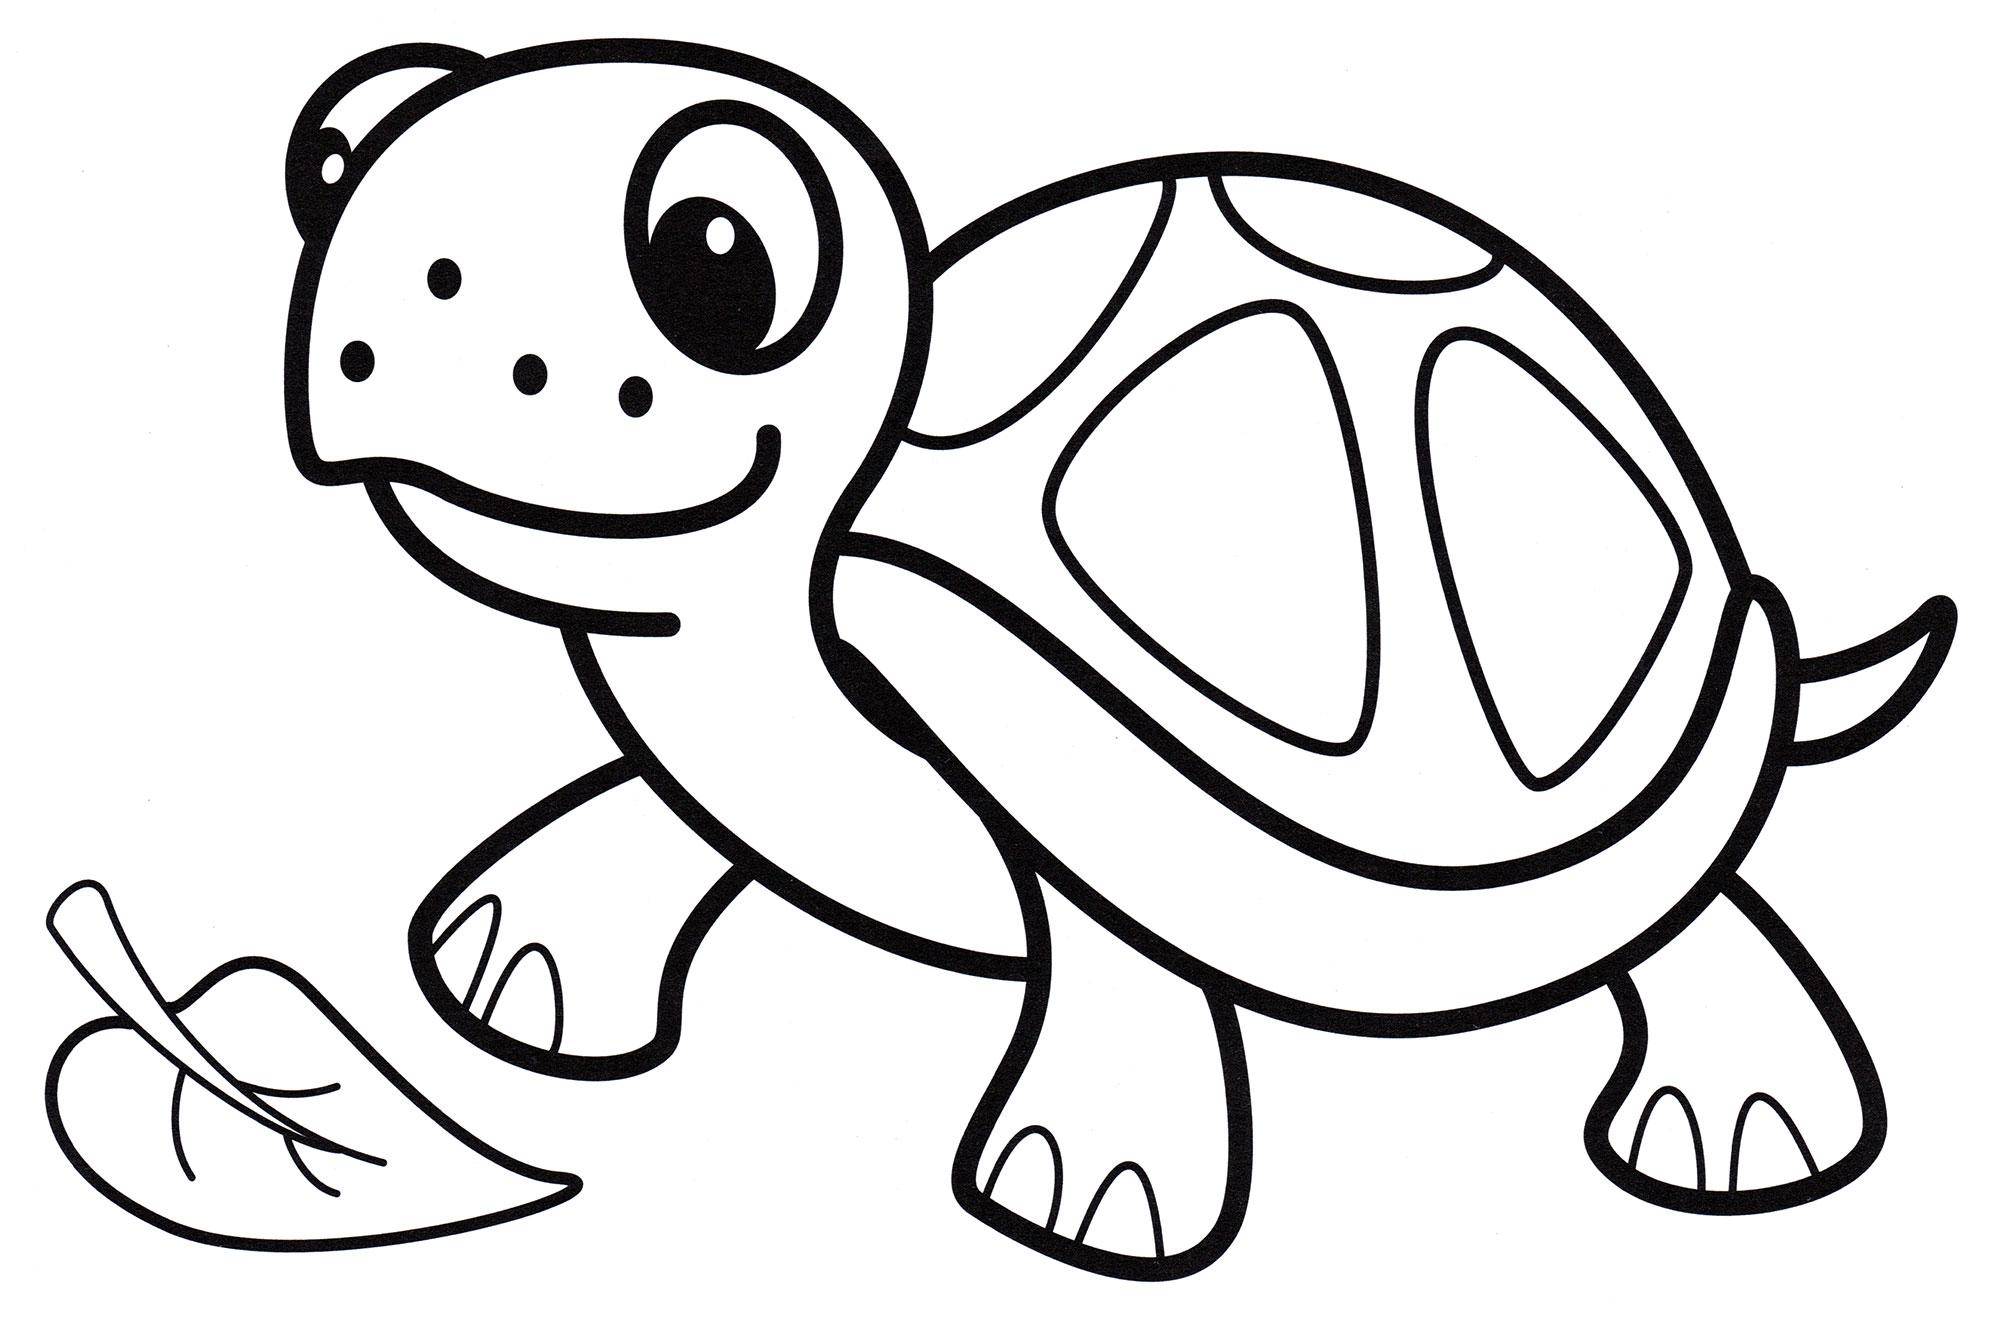 Раскраска Малютка черепаха - распечатать бесплатно